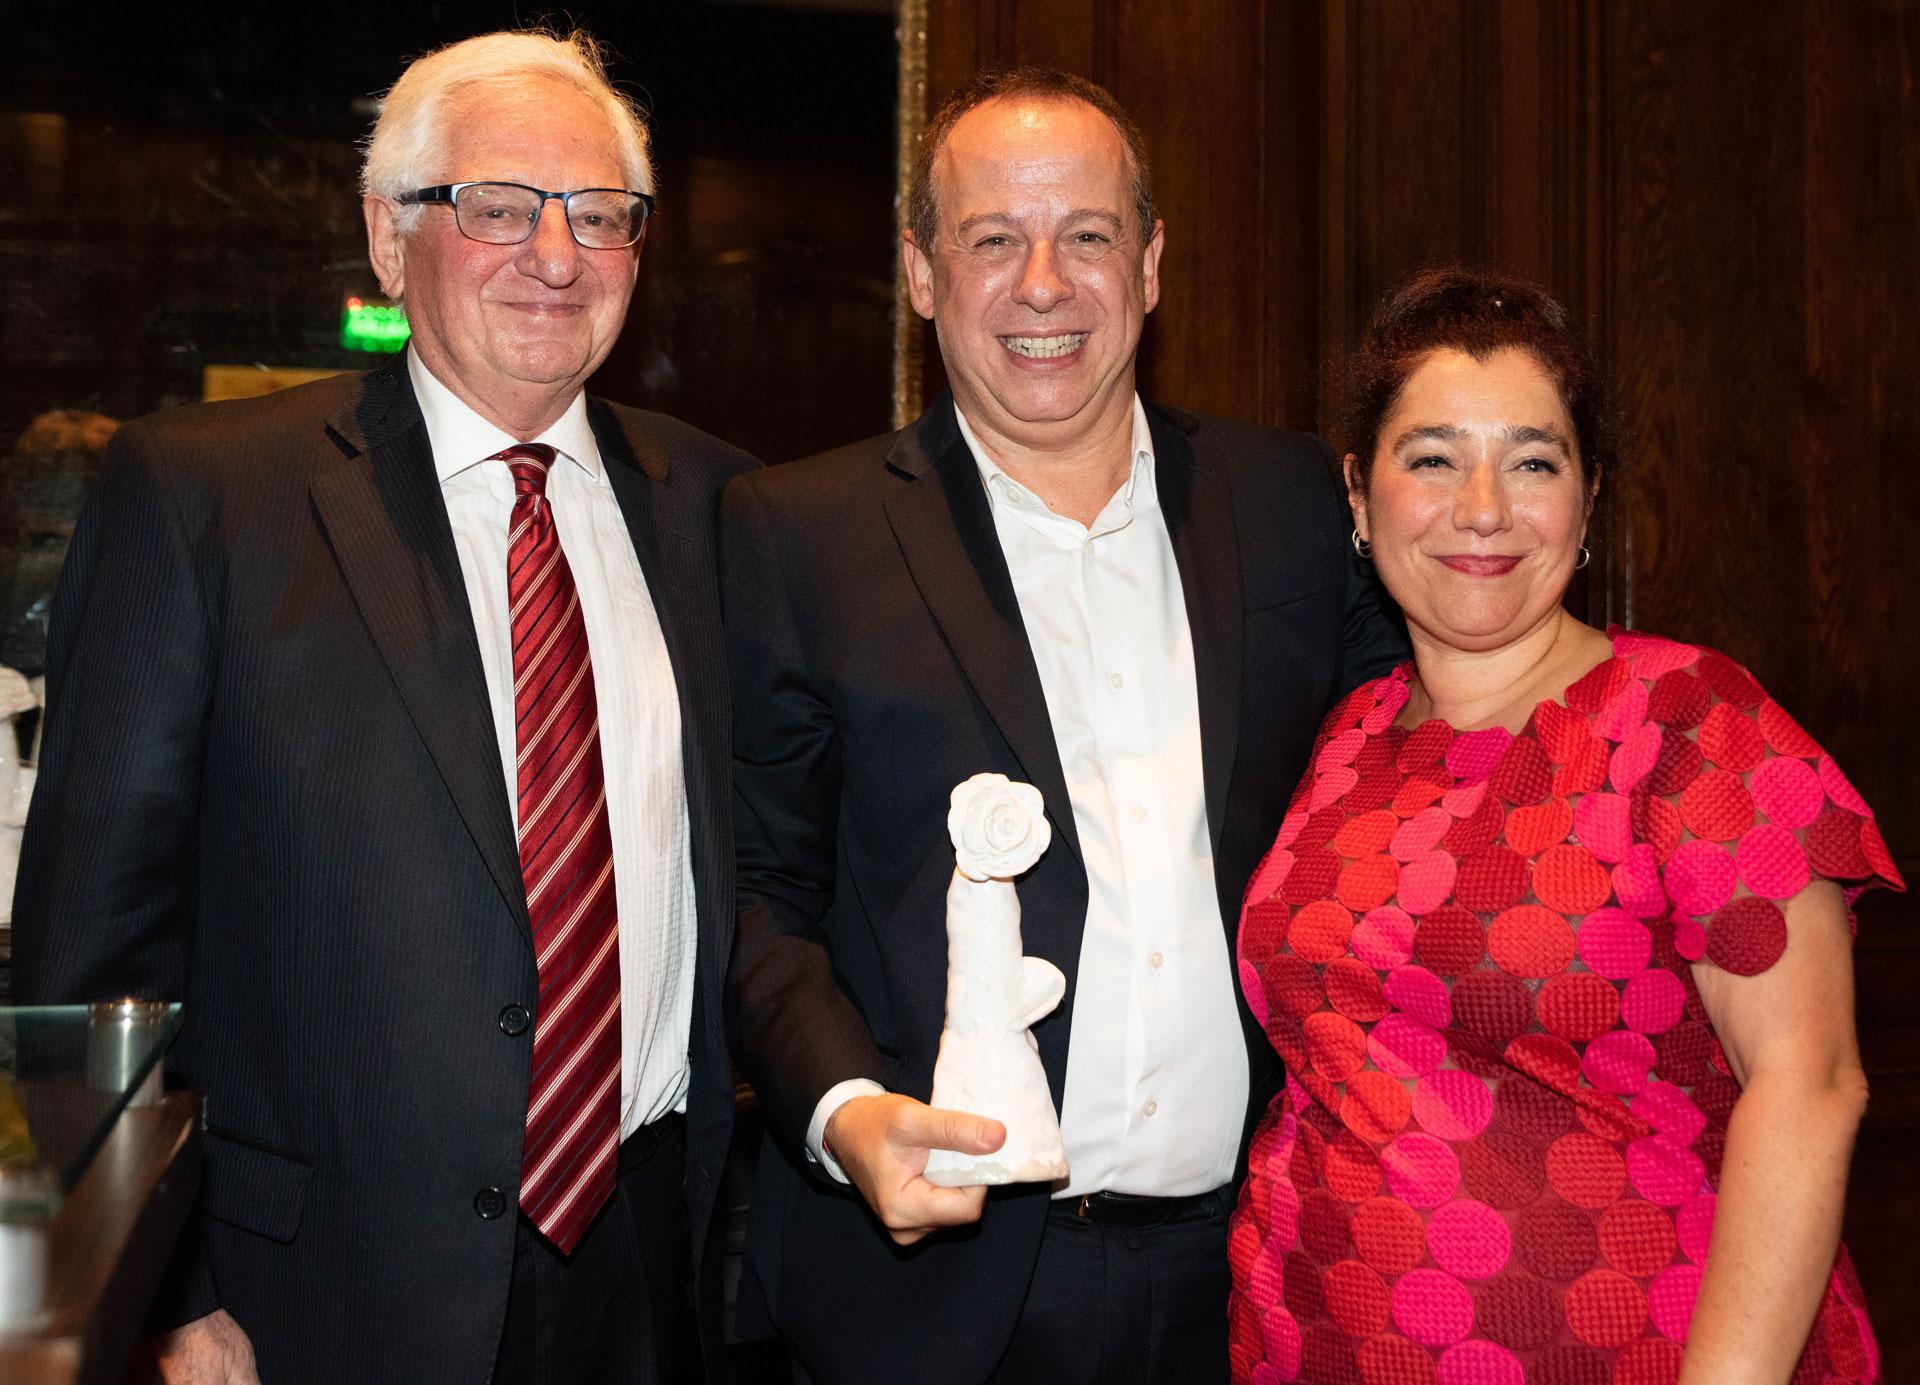 Mariela Ivanier, directora y fundadora de Verbo, y su padre Hugo Ivanier, director asociado, entregaron los premios